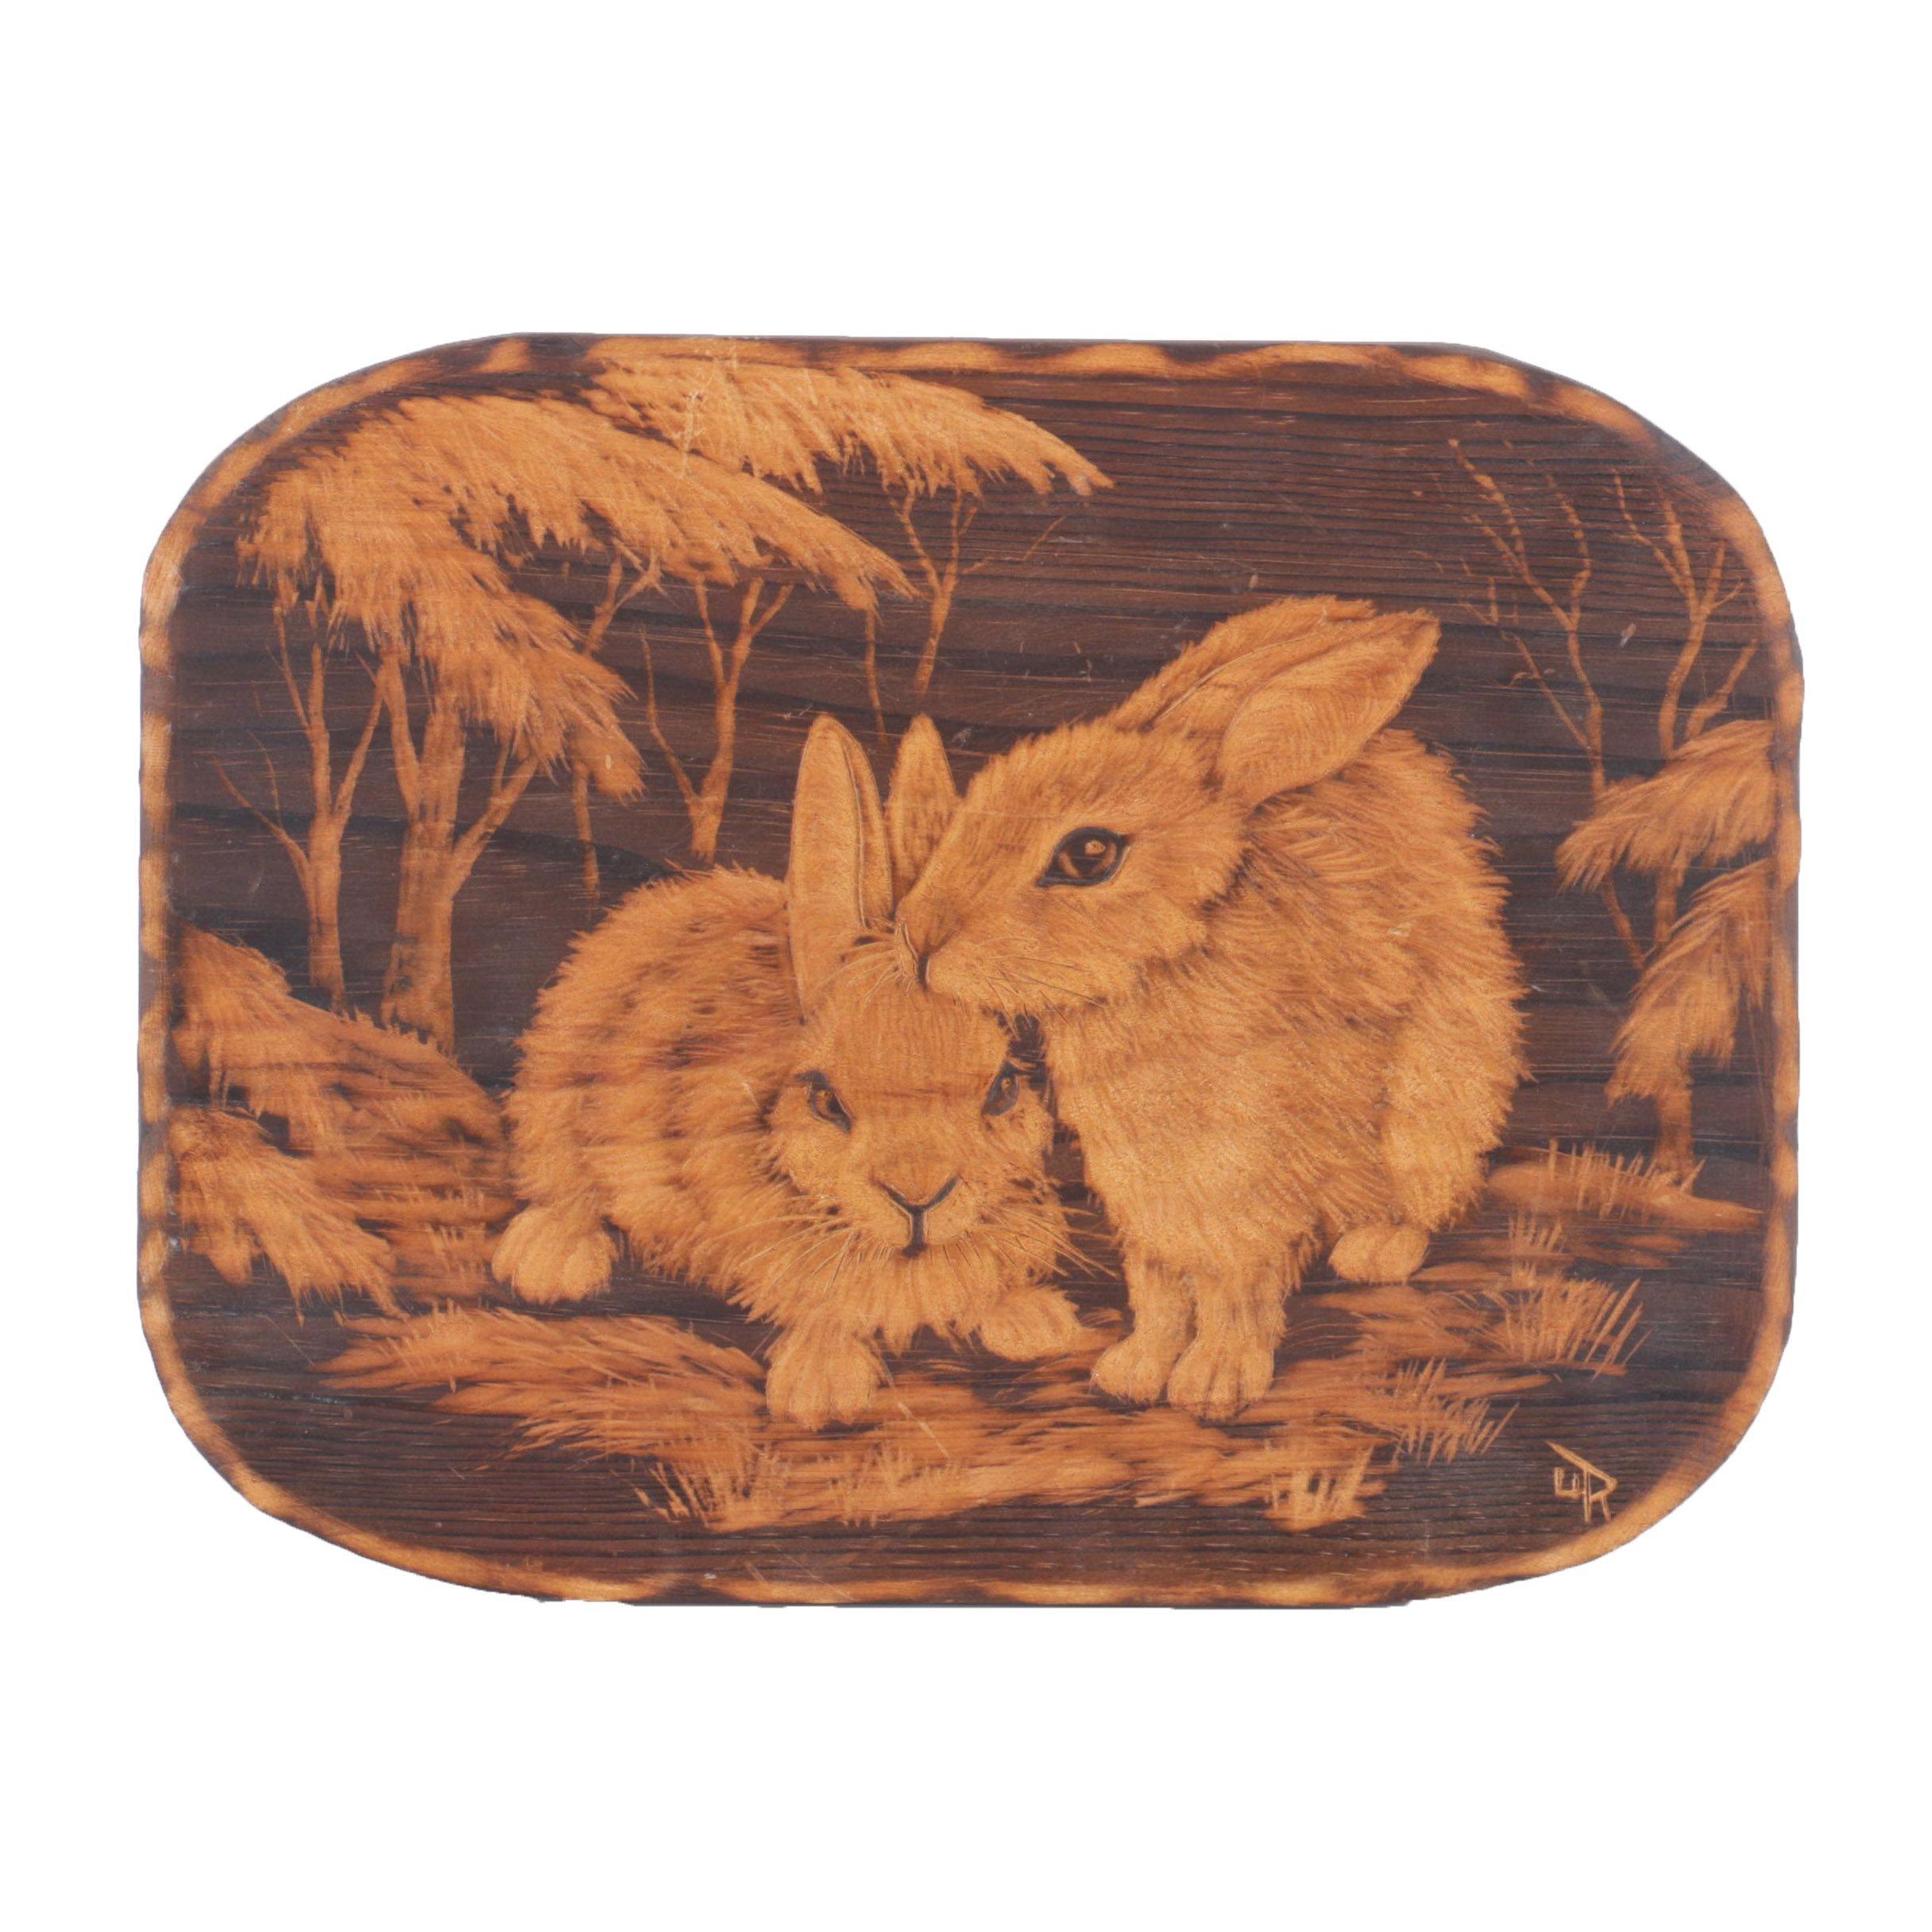 Ursula Trieschmann Carved Rabbit Plaque